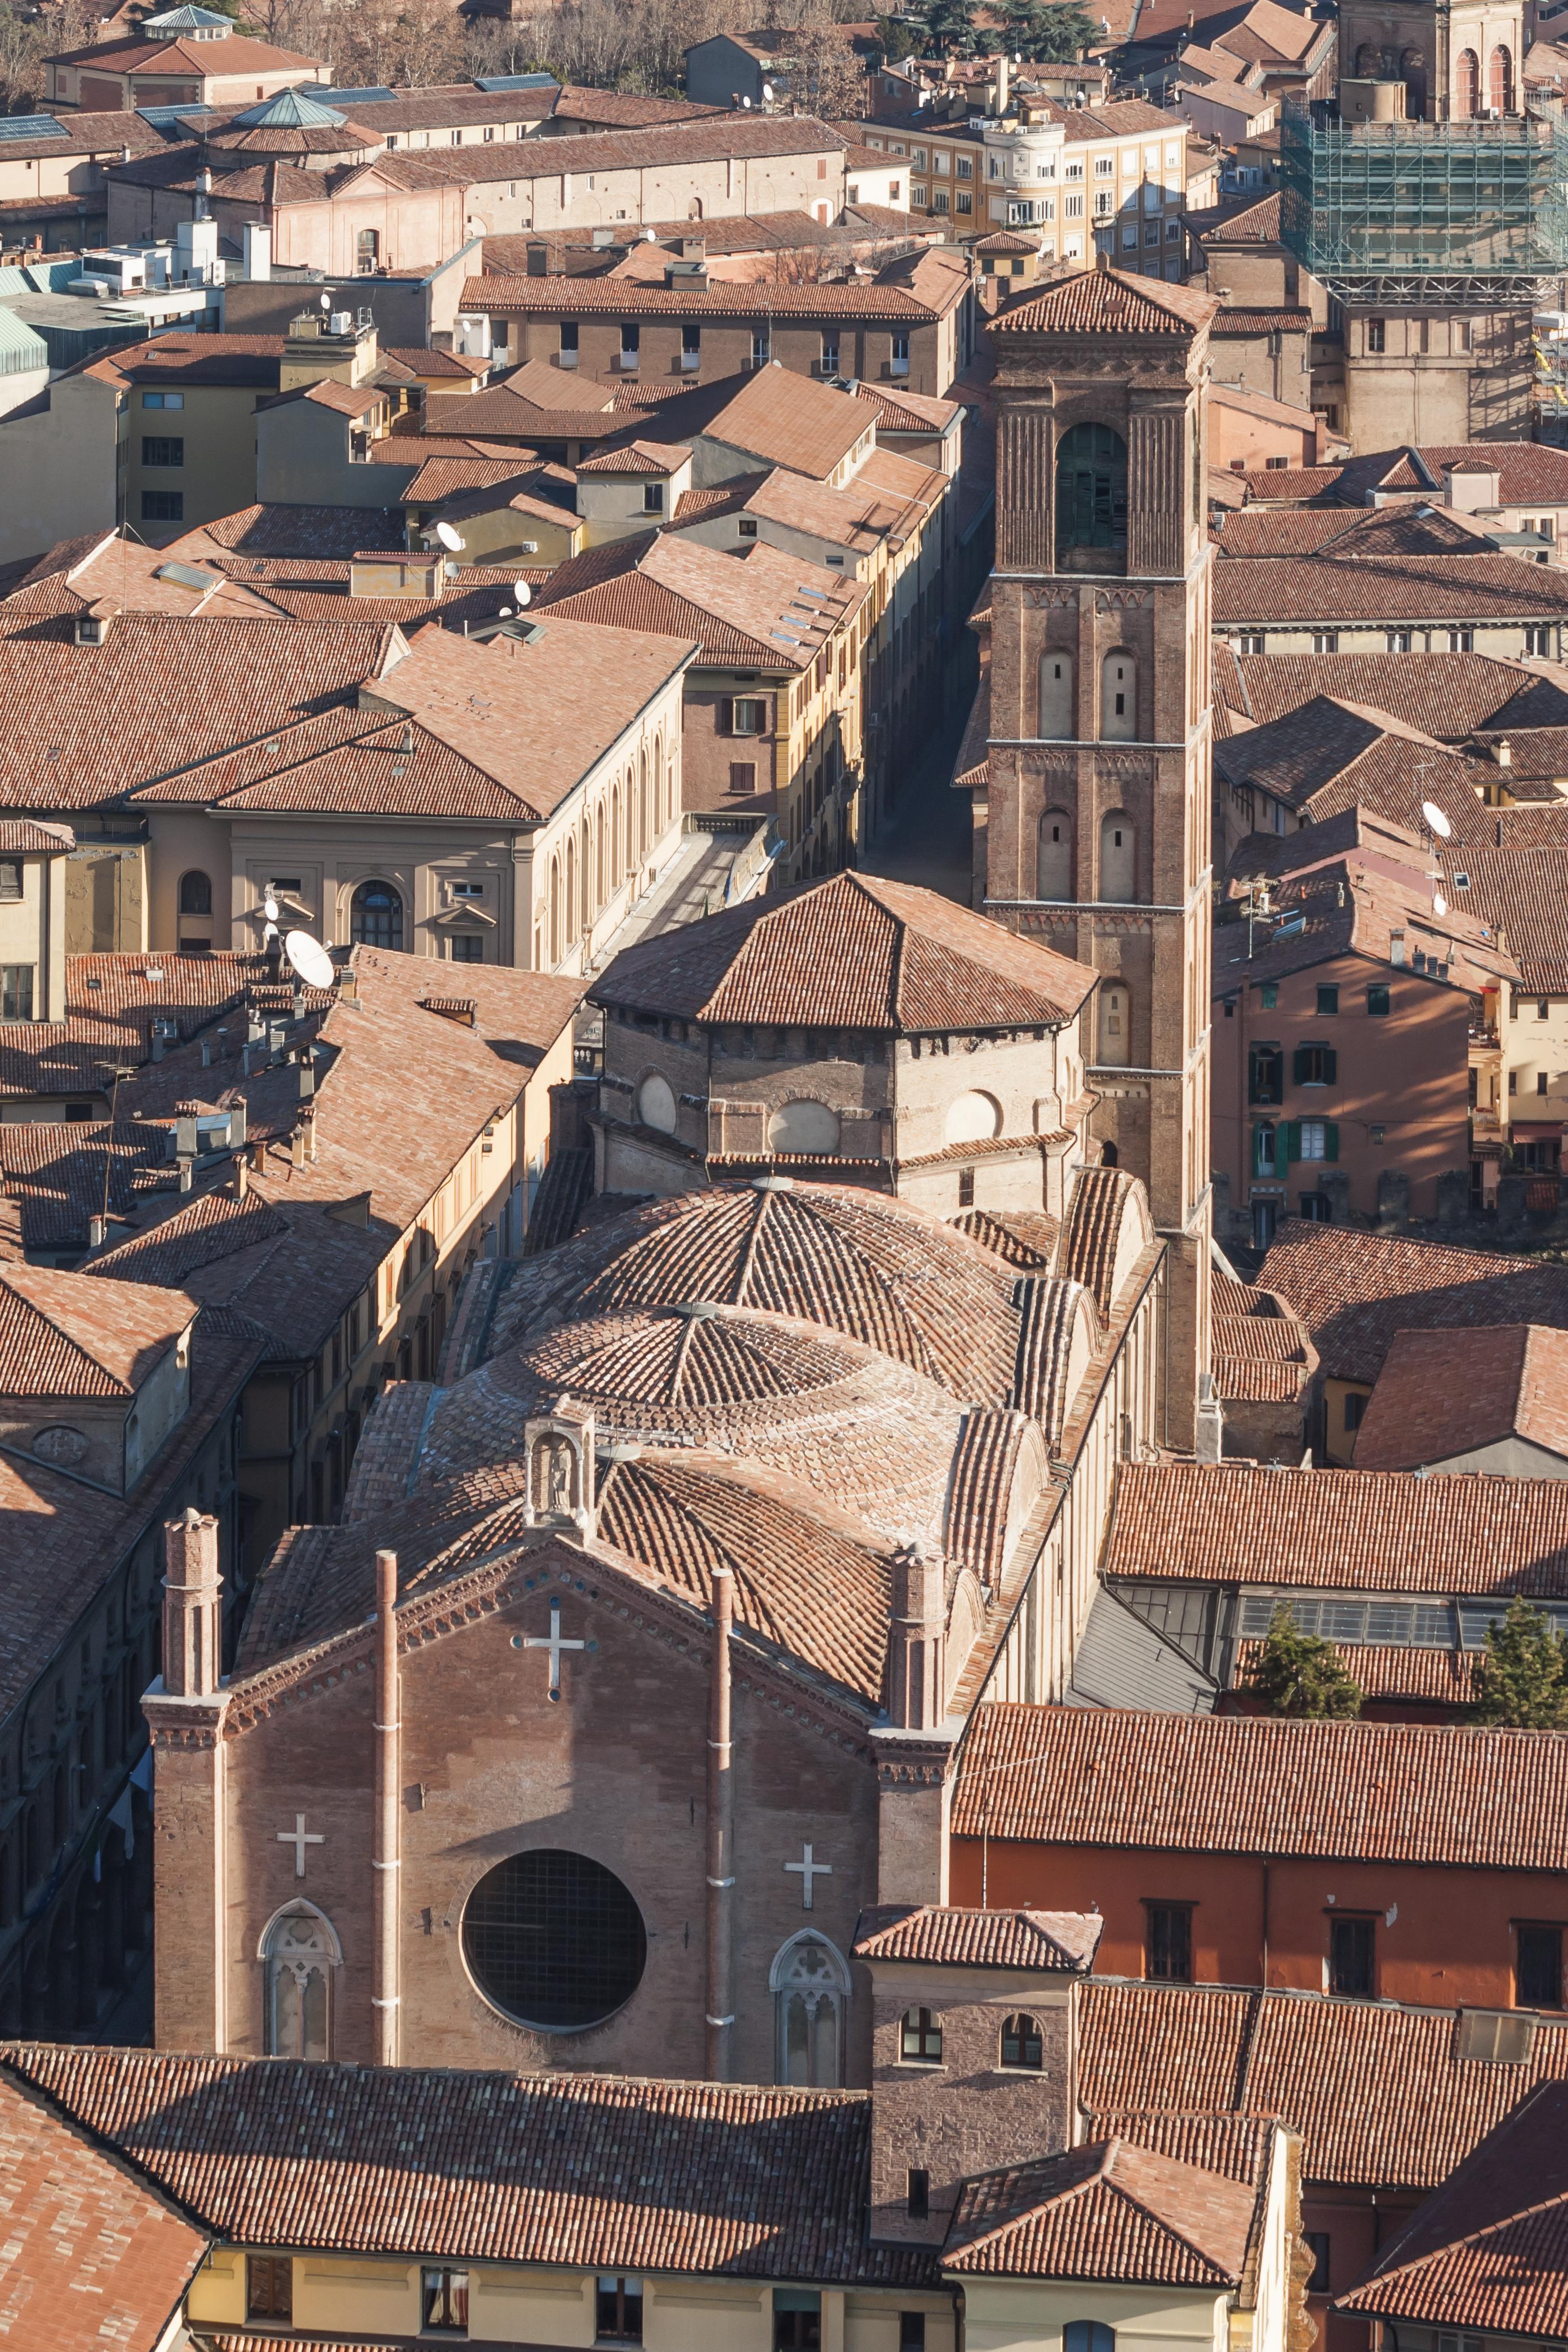 Datei:Bologna Italy San-Giacomo-Maggiore-01.jpg – Wikipedia